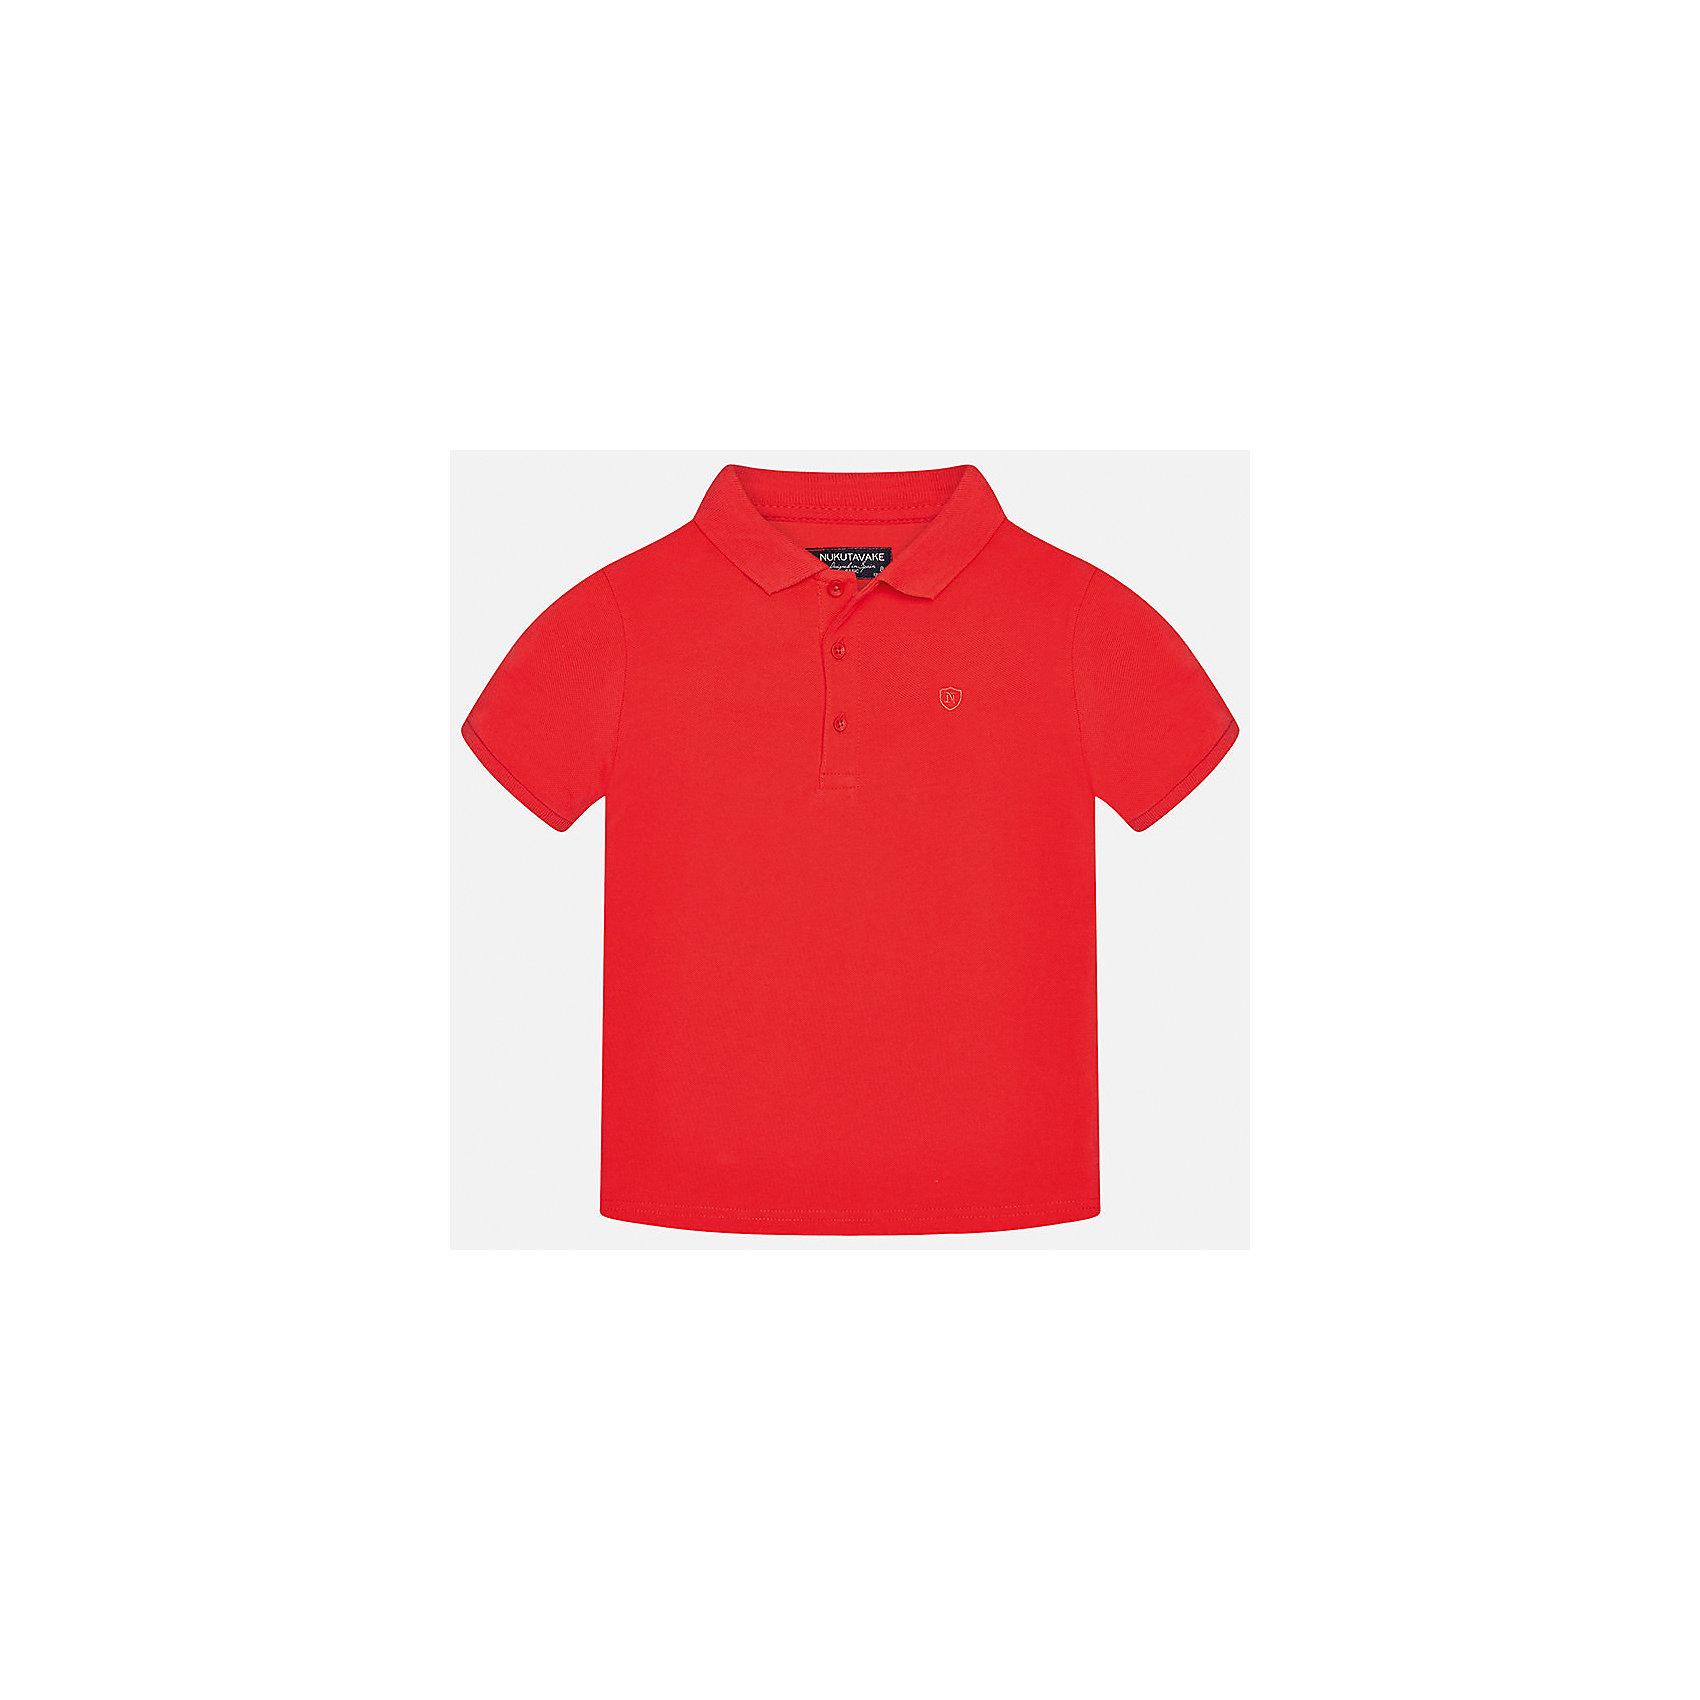 Футболка-поло для мальчика MayoralФутболки, поло и топы<br>Характеристики товара:<br><br>• цвет: красный<br>• состав: 100% хлопок<br>• отложной воротник<br>• короткие рукава<br>• застежка: пуговицы<br>• страна бренда: Испания<br><br>Удобная и модная футболка-поло для мальчика может стать базовой вещью в гардеробе ребенка. Она отлично сочетается с брюками, шортами, джинсами и т.д. Универсальный крой и цвет позволяет подобрать к вещи низ разных расцветок. Практичное и стильное изделие! В составе материала - только натуральный хлопок, гипоаллергенный, приятный на ощупь, дышащий.<br><br>Одежда, обувь и аксессуары от испанского бренда Mayoral полюбились детям и взрослым по всему миру. Модели этой марки - стильные и удобные. Для их производства используются только безопасные, качественные материалы и фурнитура. Порадуйте ребенка модными и красивыми вещами от Mayoral! <br><br>Футболку-поло для мальчика от испанского бренда Mayoral (Майорал) можно купить в нашем интернет-магазине.<br><br>Ширина мм: 230<br>Глубина мм: 40<br>Высота мм: 220<br>Вес г: 250<br>Цвет: розовый<br>Возраст от месяцев: 120<br>Возраст до месяцев: 132<br>Пол: Мужской<br>Возраст: Детский<br>Размер: 152,140,128/134,170,164,158<br>SKU: 5278363